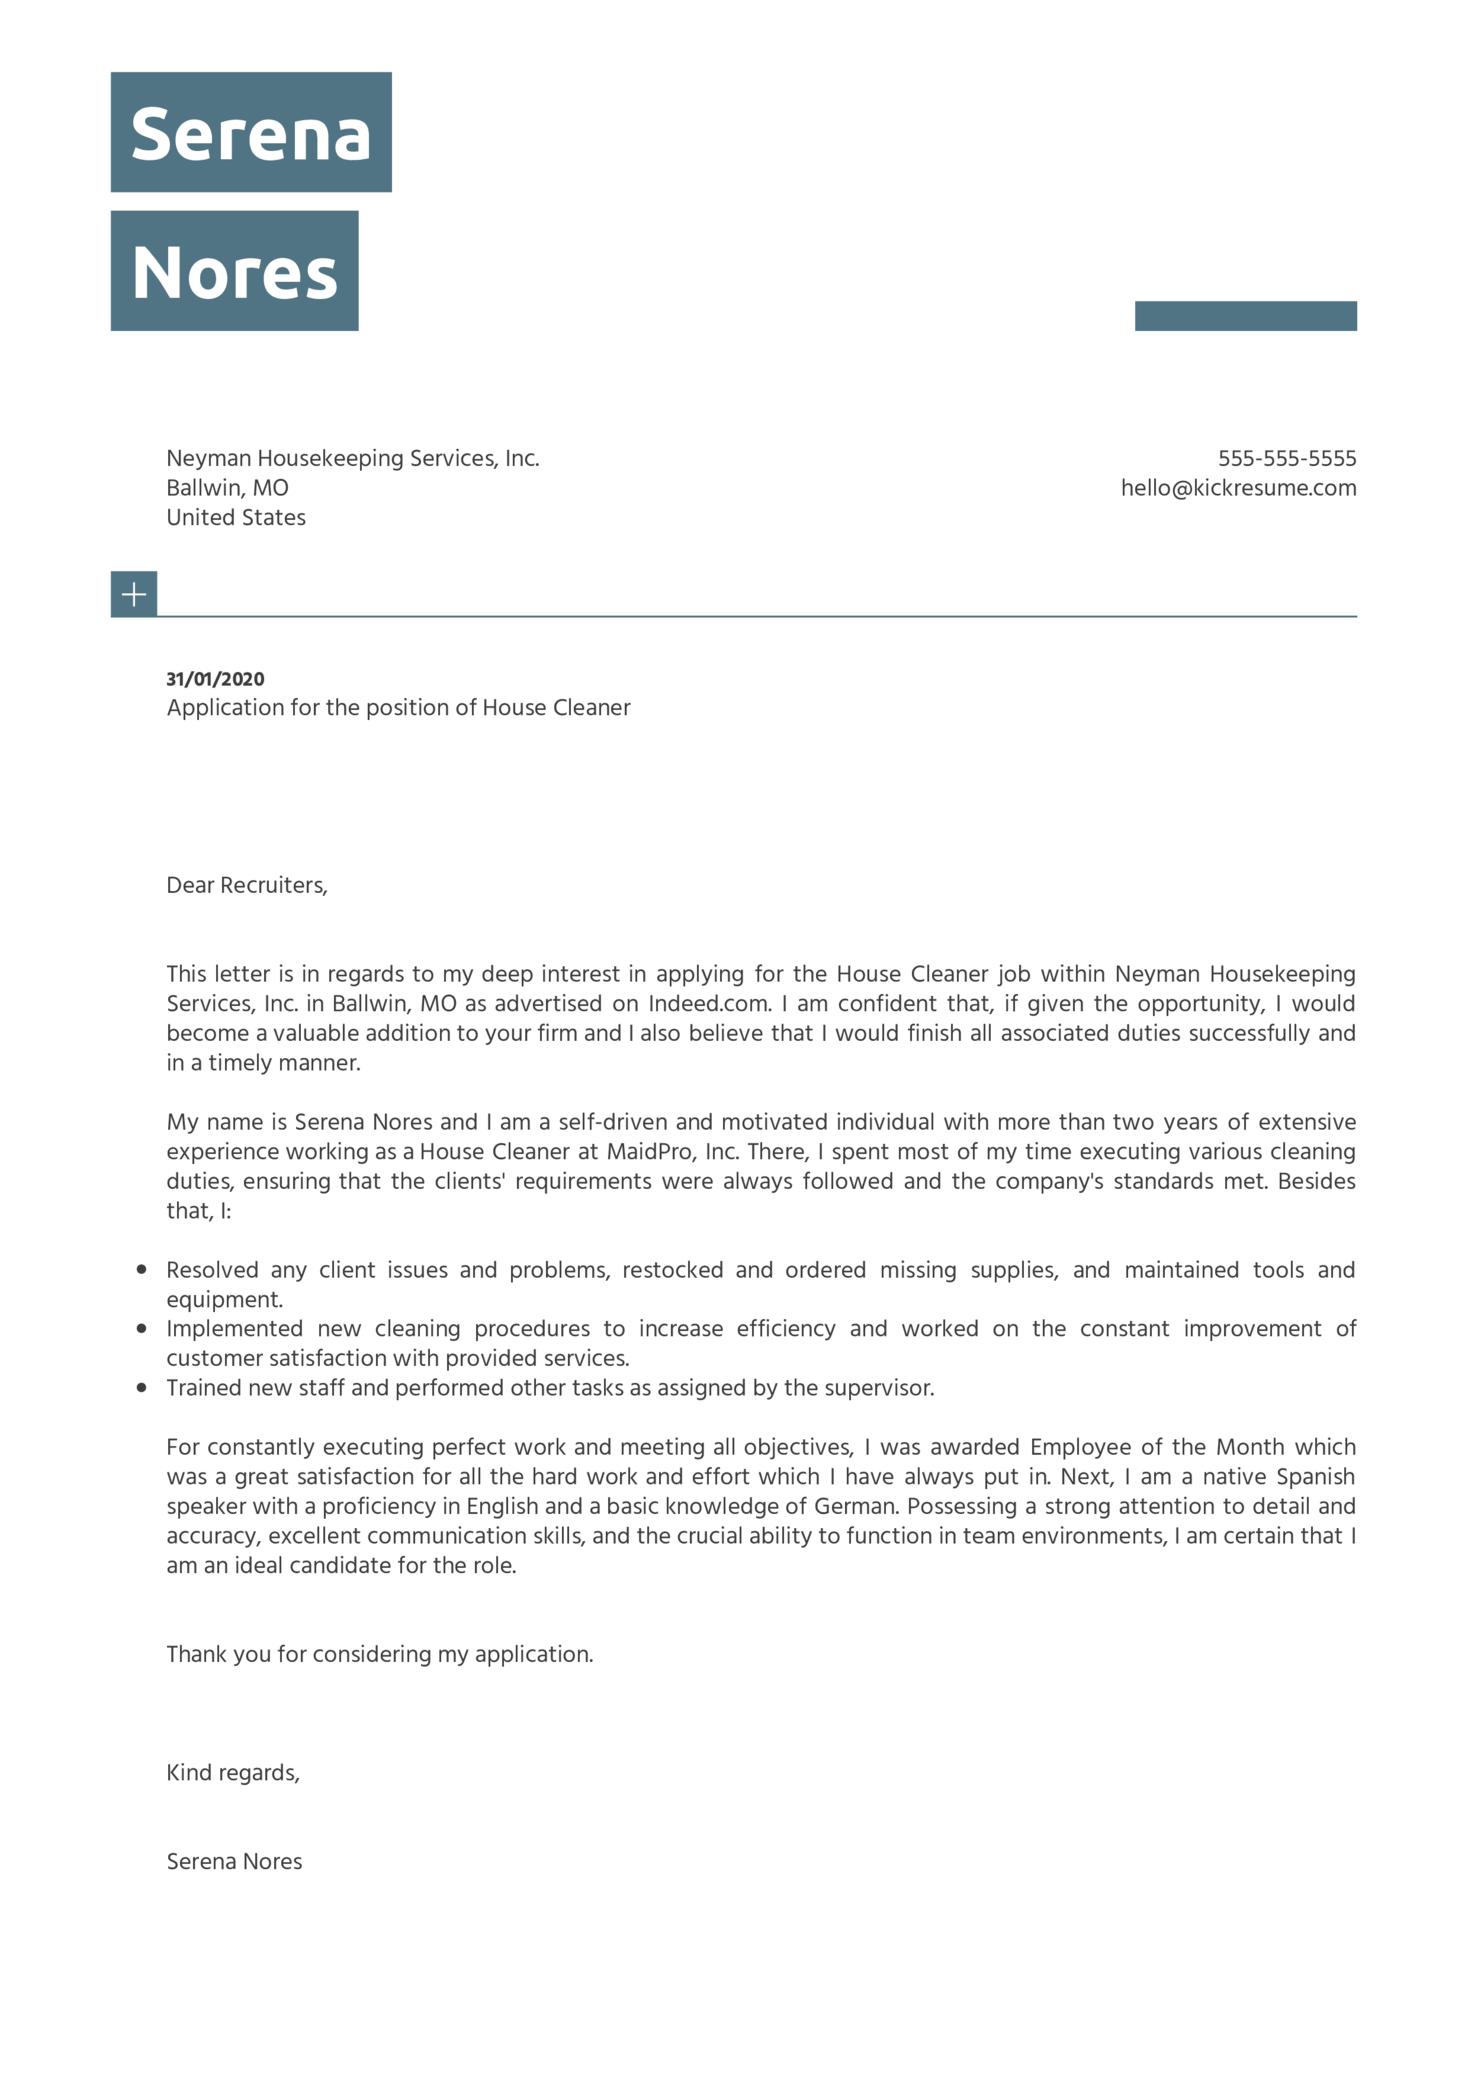 House Cleaner Cover Letter Sample Kickresume